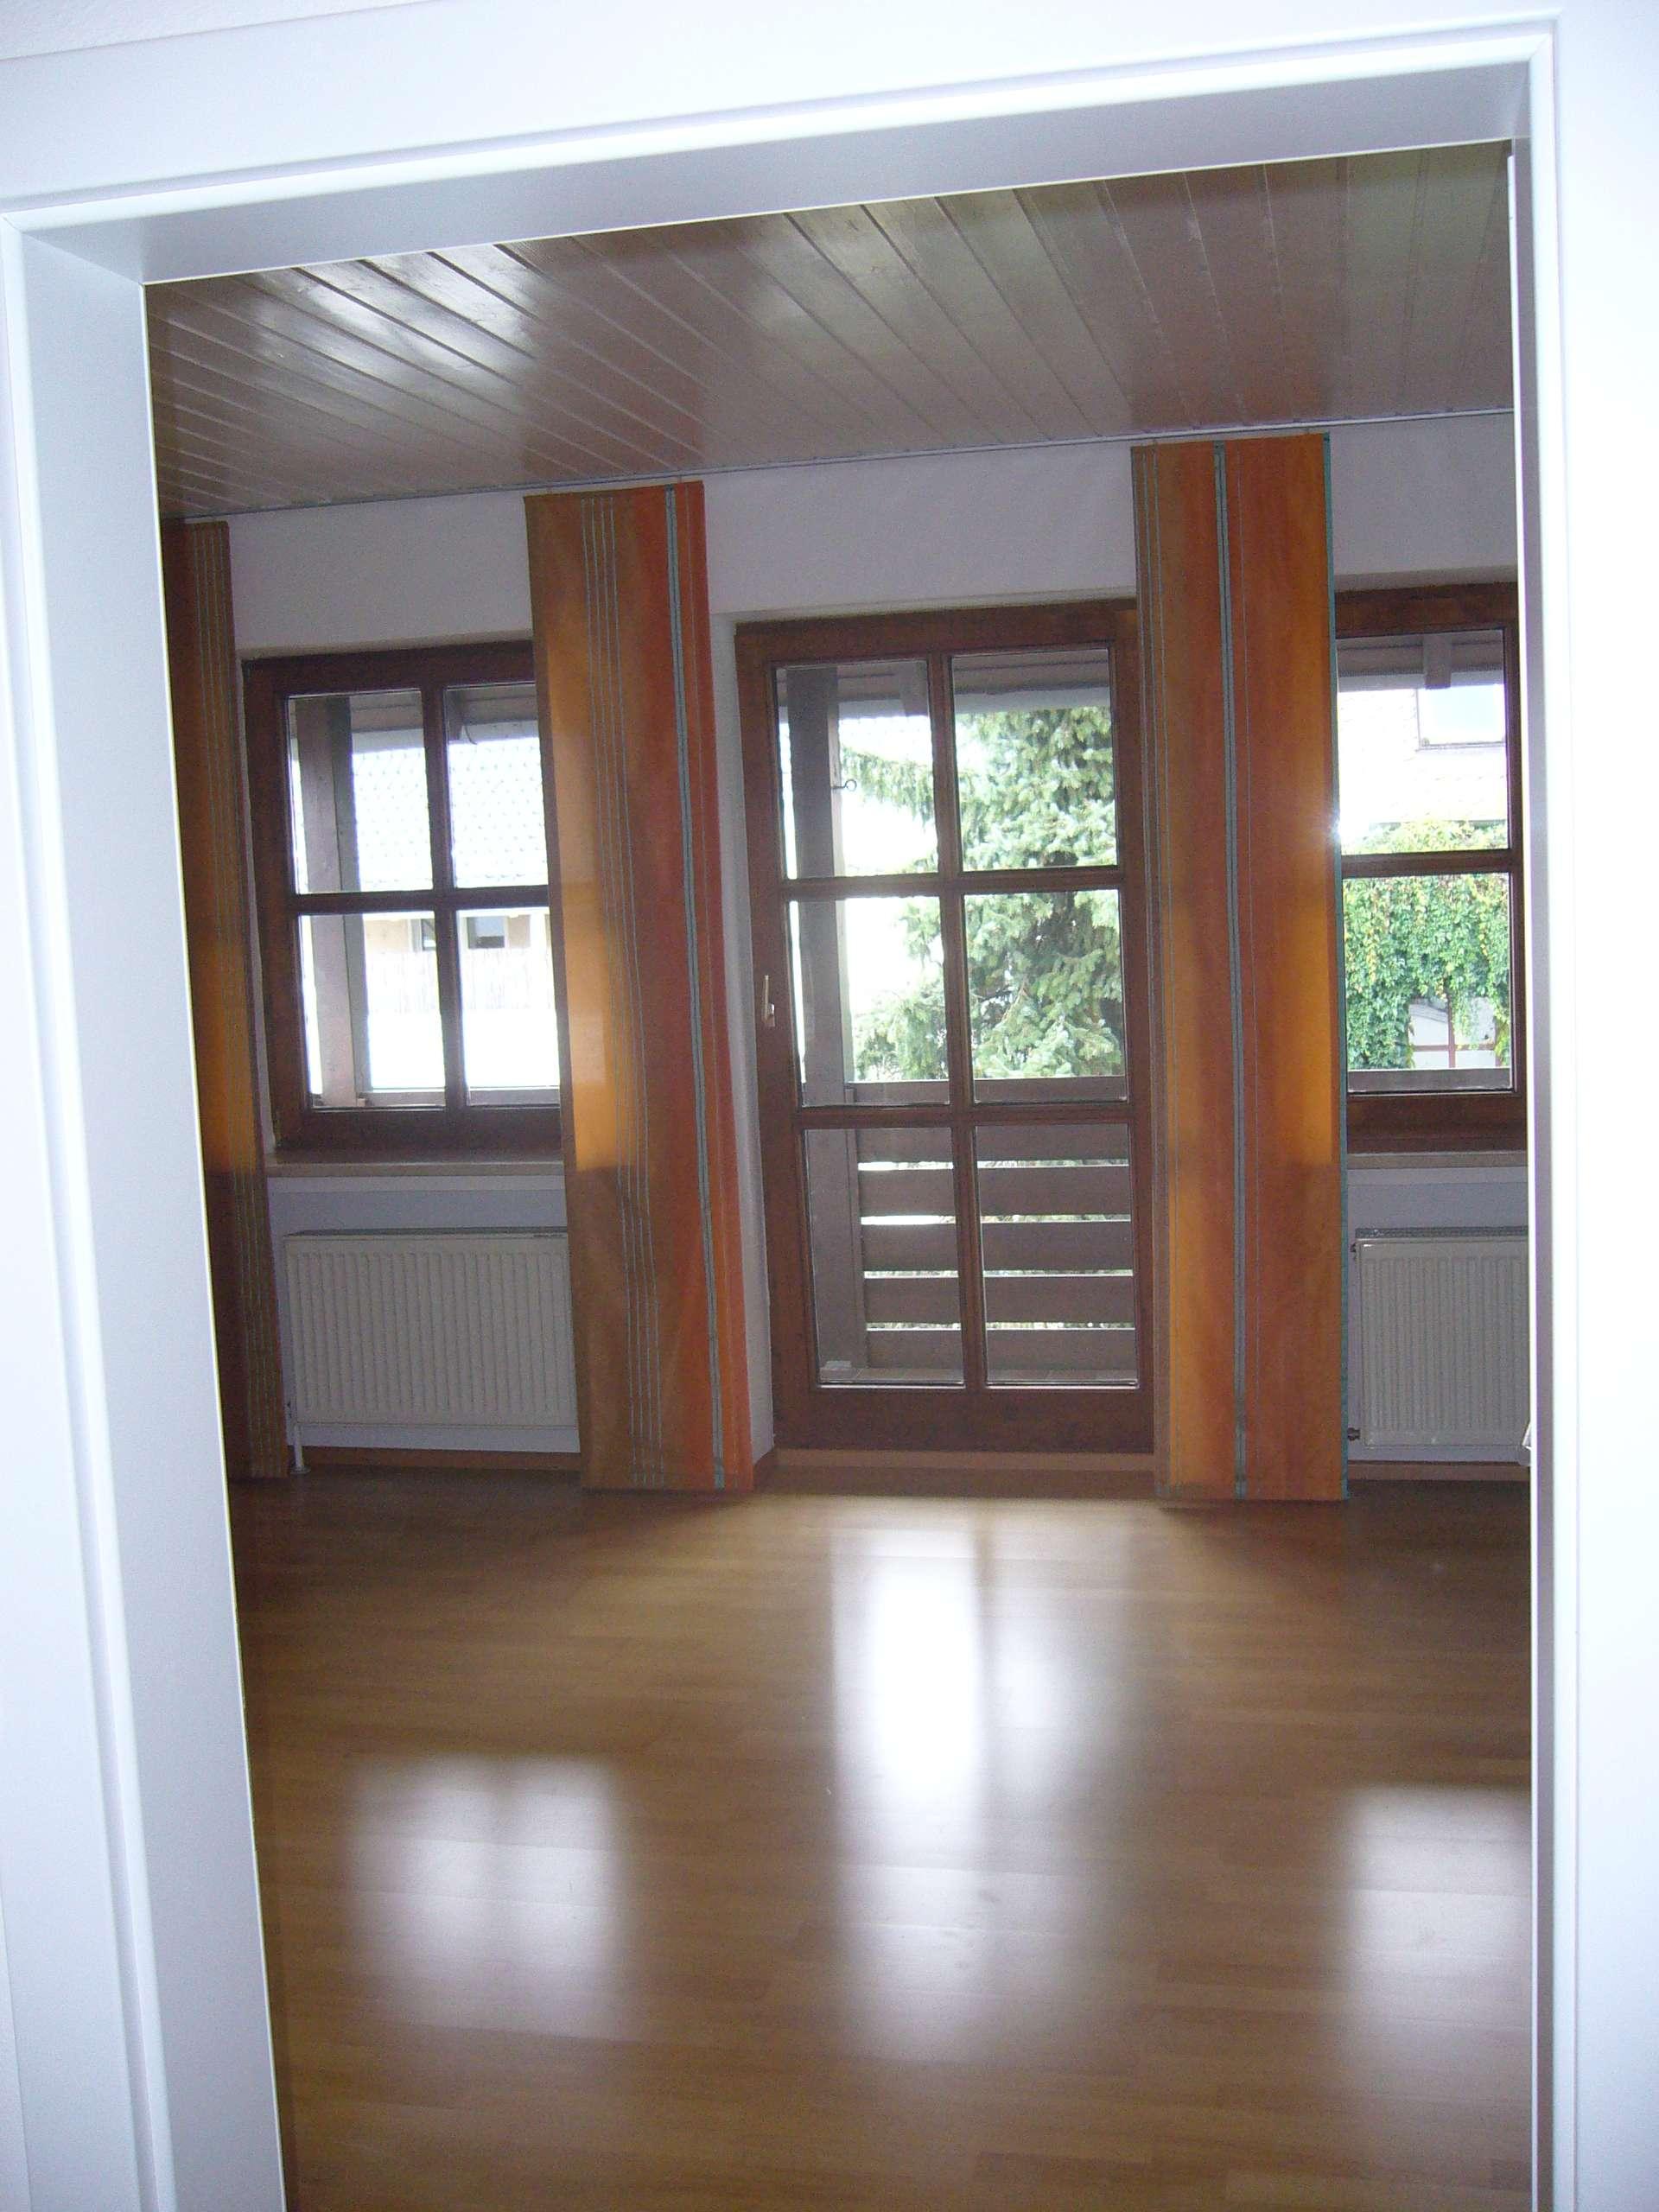 Schöne 2-Zimmer-Wohnung mit Balkon in Straubing, Kernstadt in Kernstadt (Straubing)